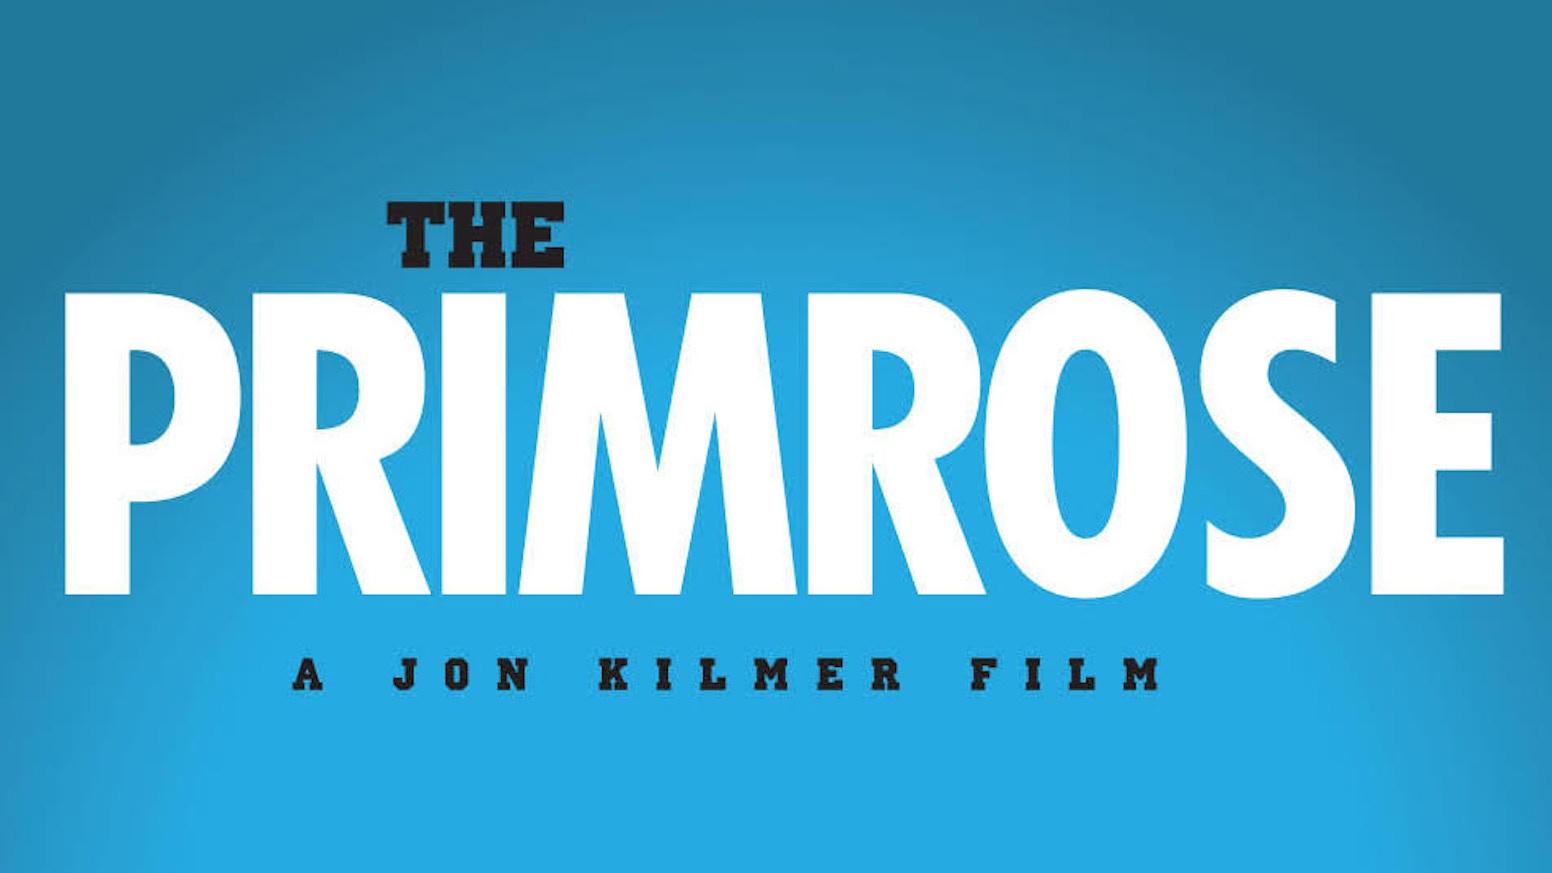 The Primrose, a Comedy Film by Jon Kilmer — Kickstarter